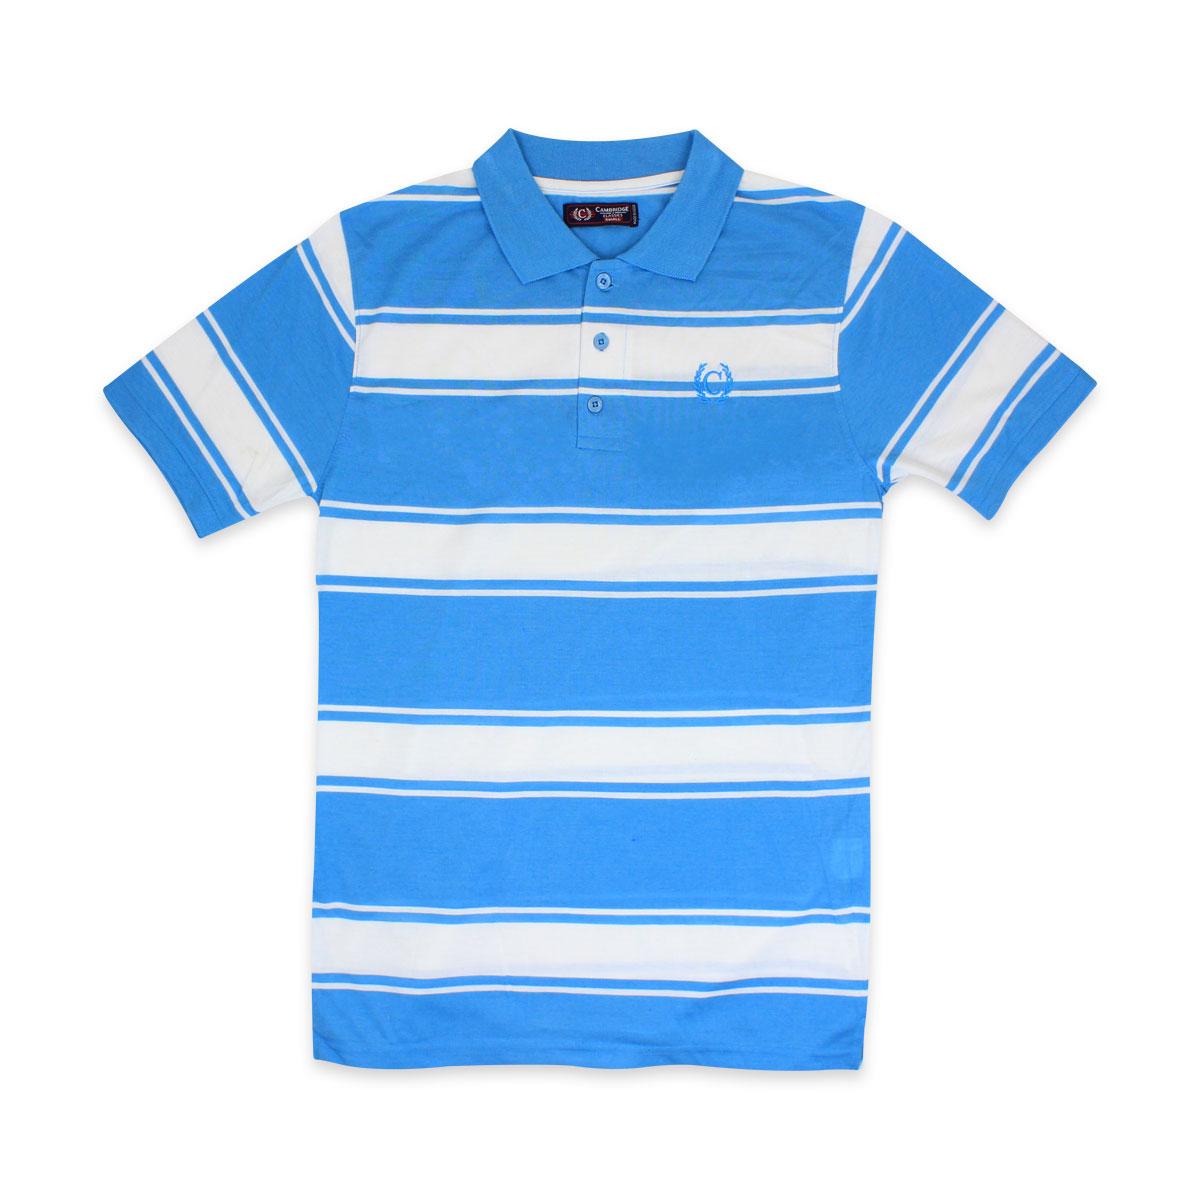 Camisas-Polo-Para-Hombre-A-Rayas-Pique-Con-Cuello-camiseta-Camiseta-Manga-Corta-De-Verano-S-M-L-XL miniatura 24